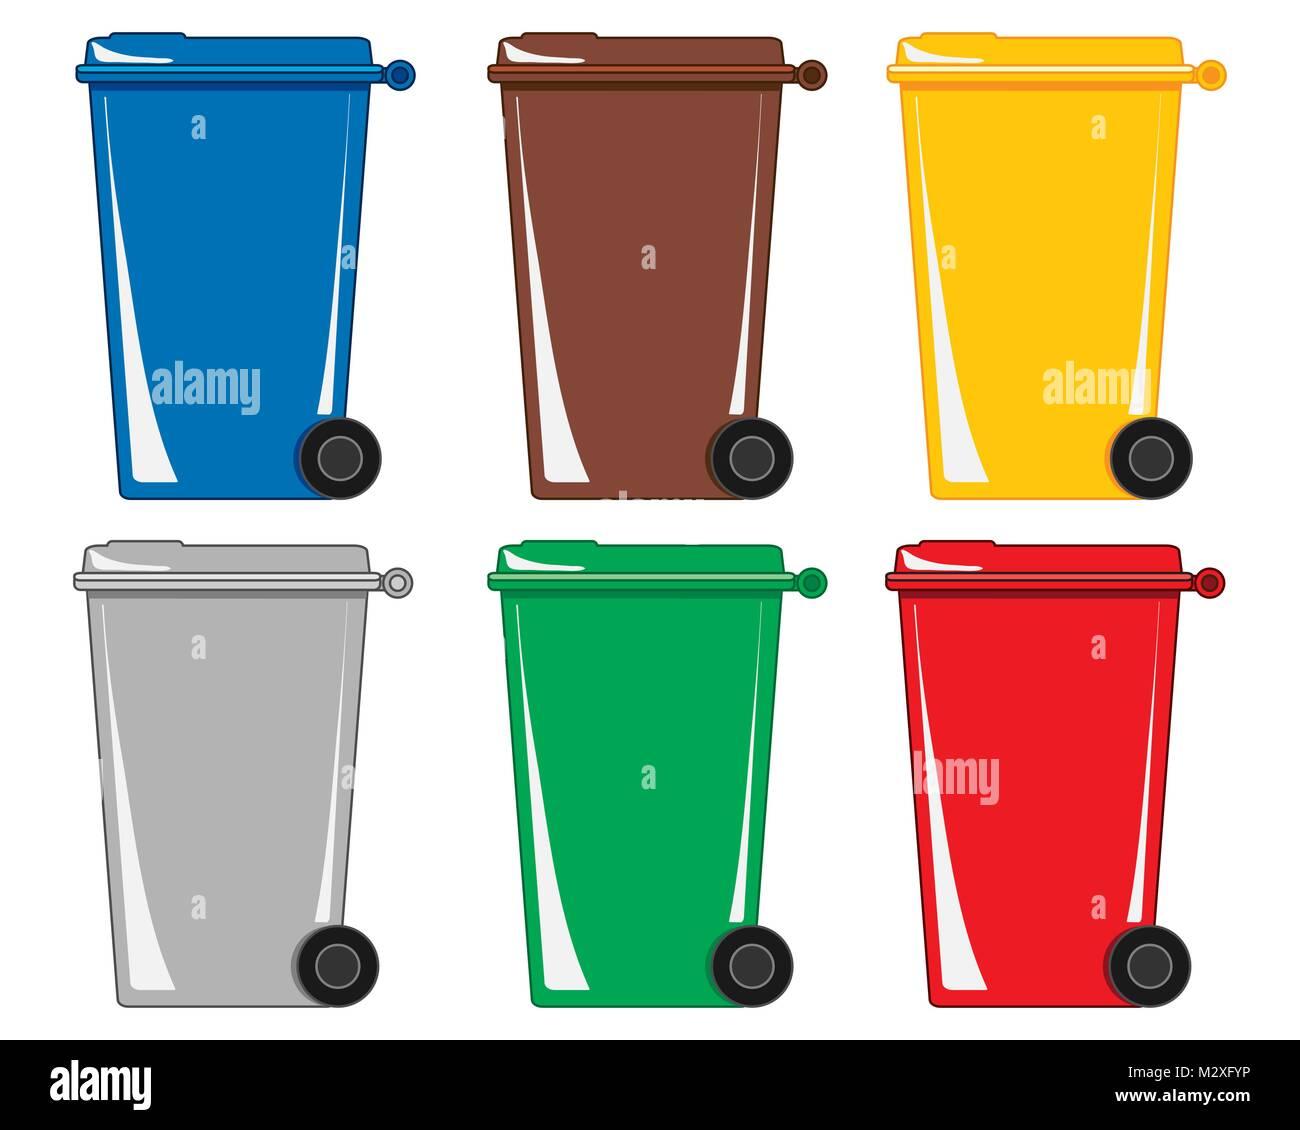 Una illustrazione vettoriale in formato eps 8 formato di sei coloratissimi impennata cassonetti per rifiuti e riciclaggio Immagini Stock